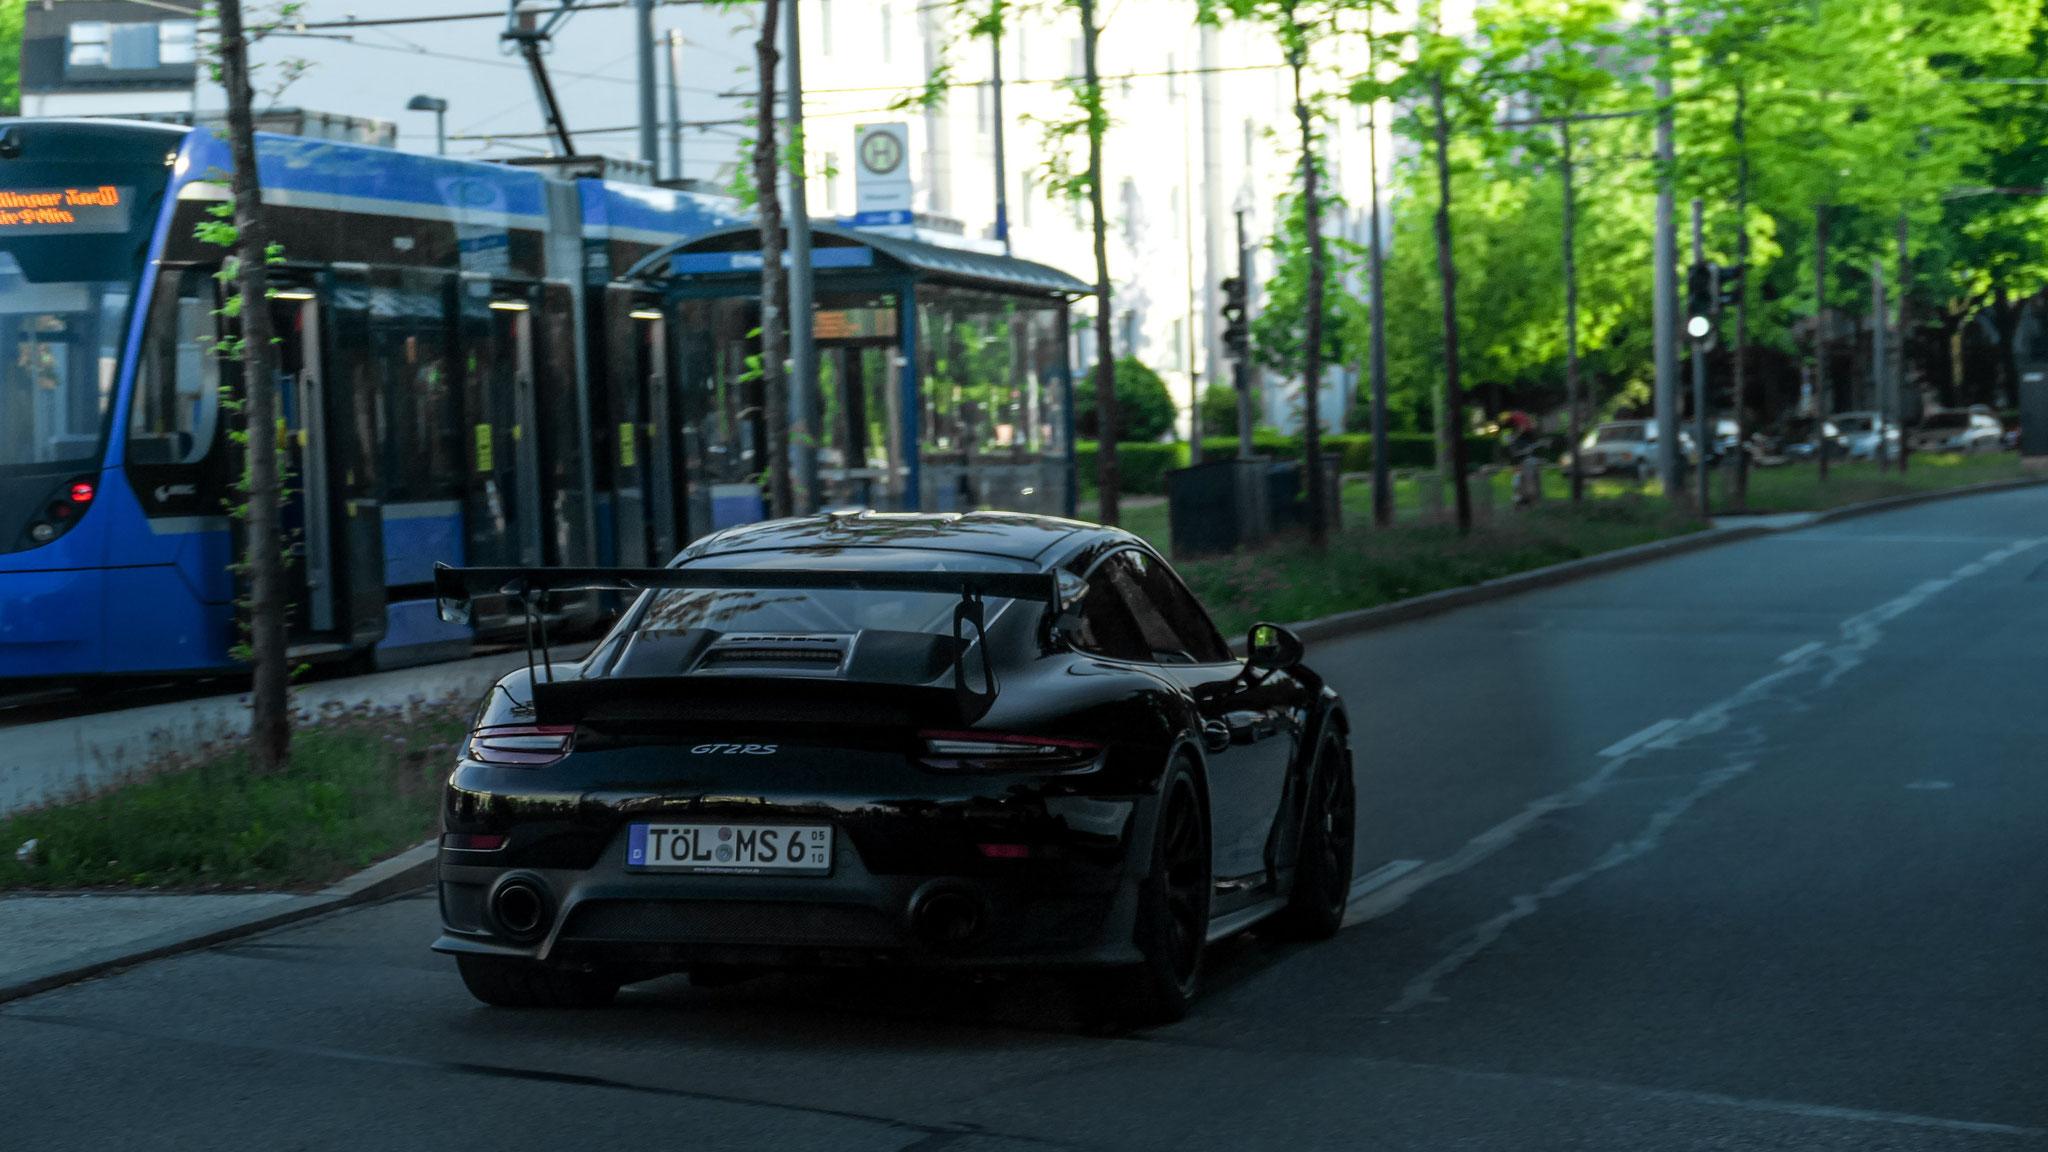 Porsche GT2 RS - TÖL-MS-6